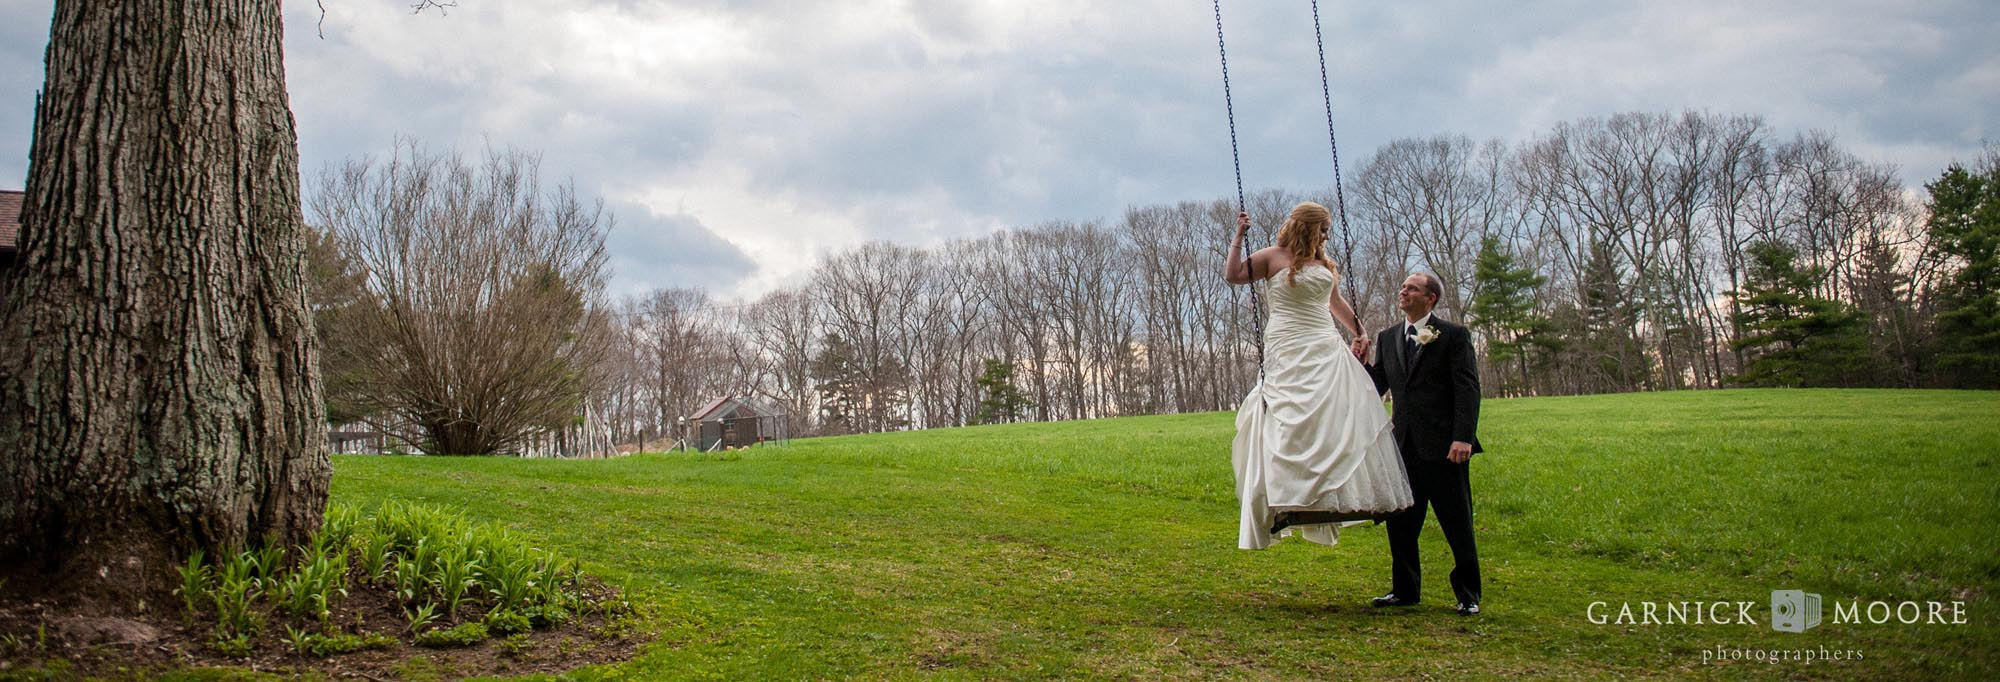 Scenic Outdoor Weddings in Massachusetts